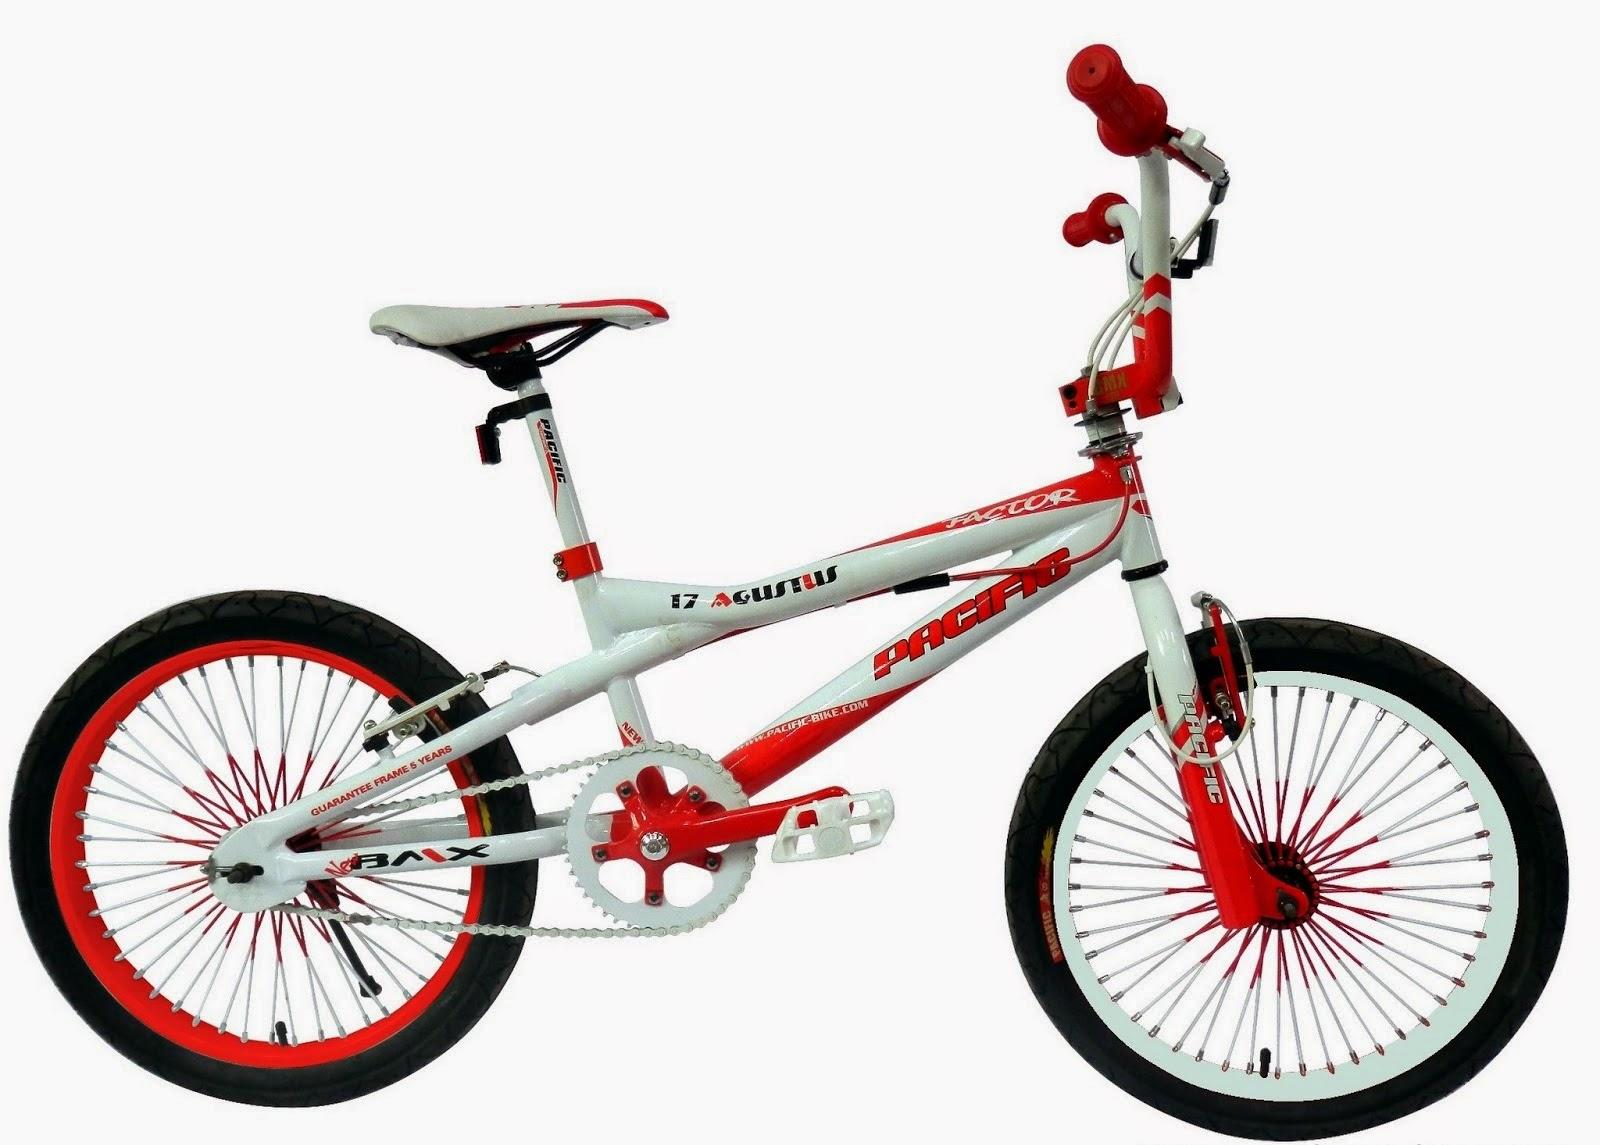 Daftar Harga Sepeda Wimcycle